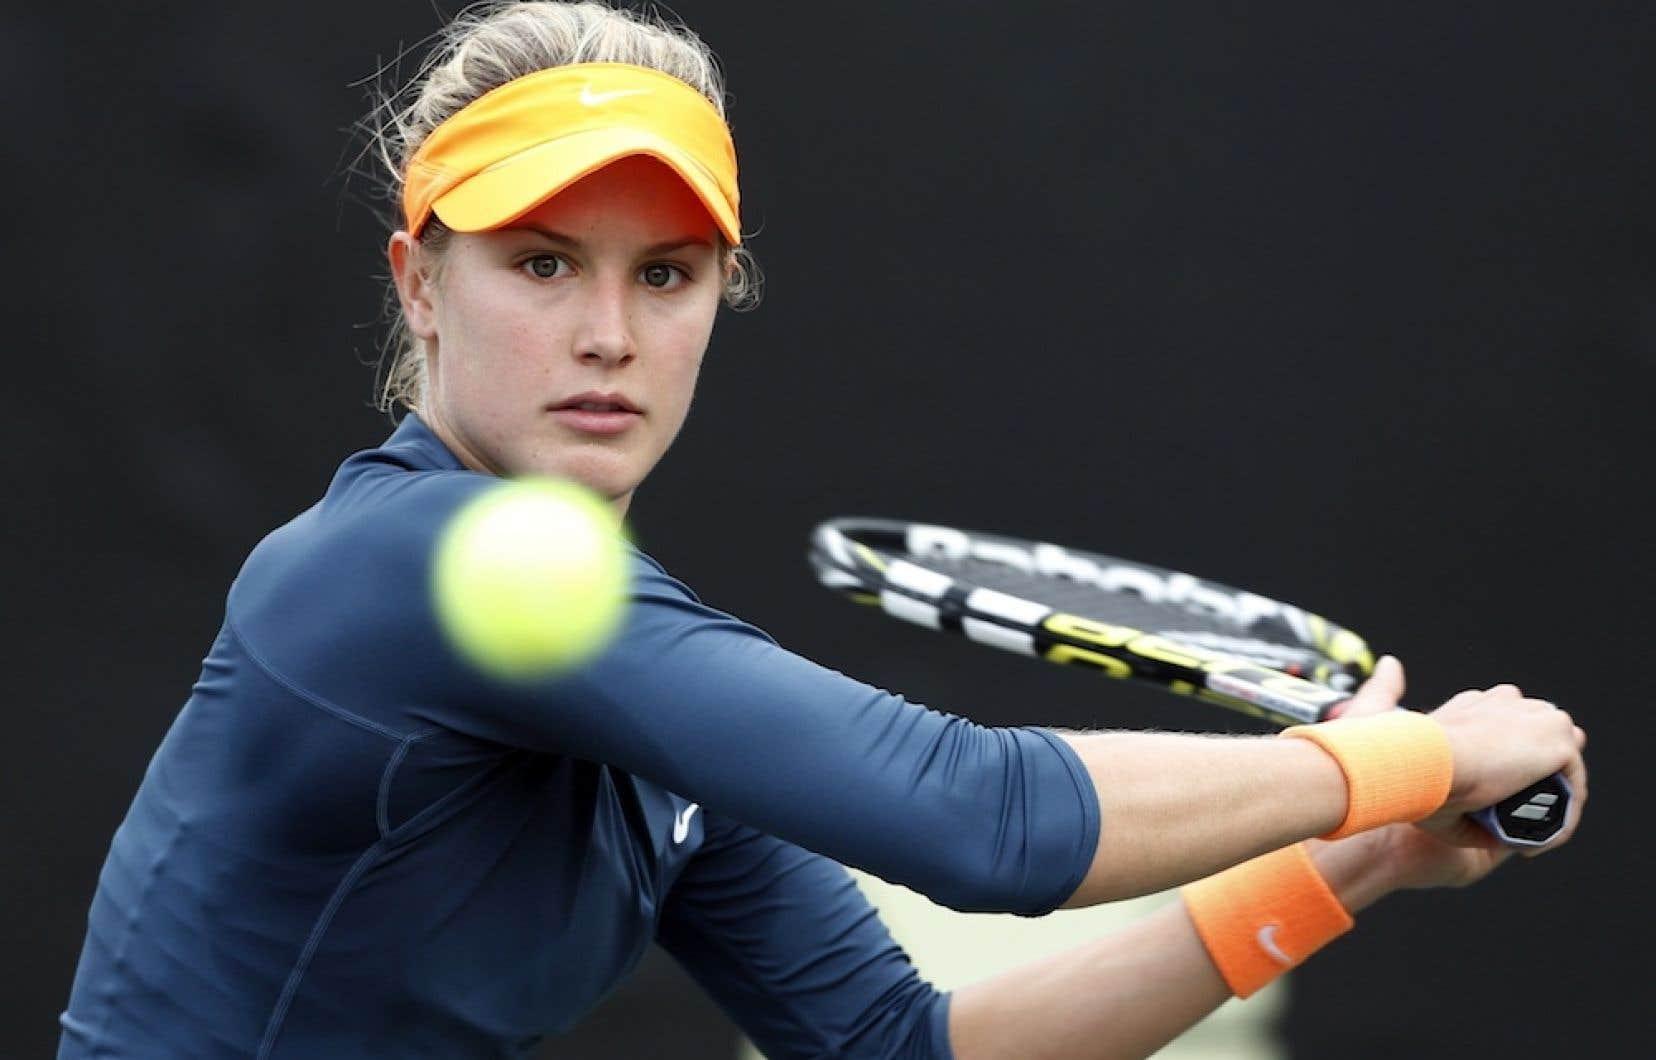 Eugenie Bouchard s'est inclinée devant Alizé Cornet, 31e joueuse au monde.